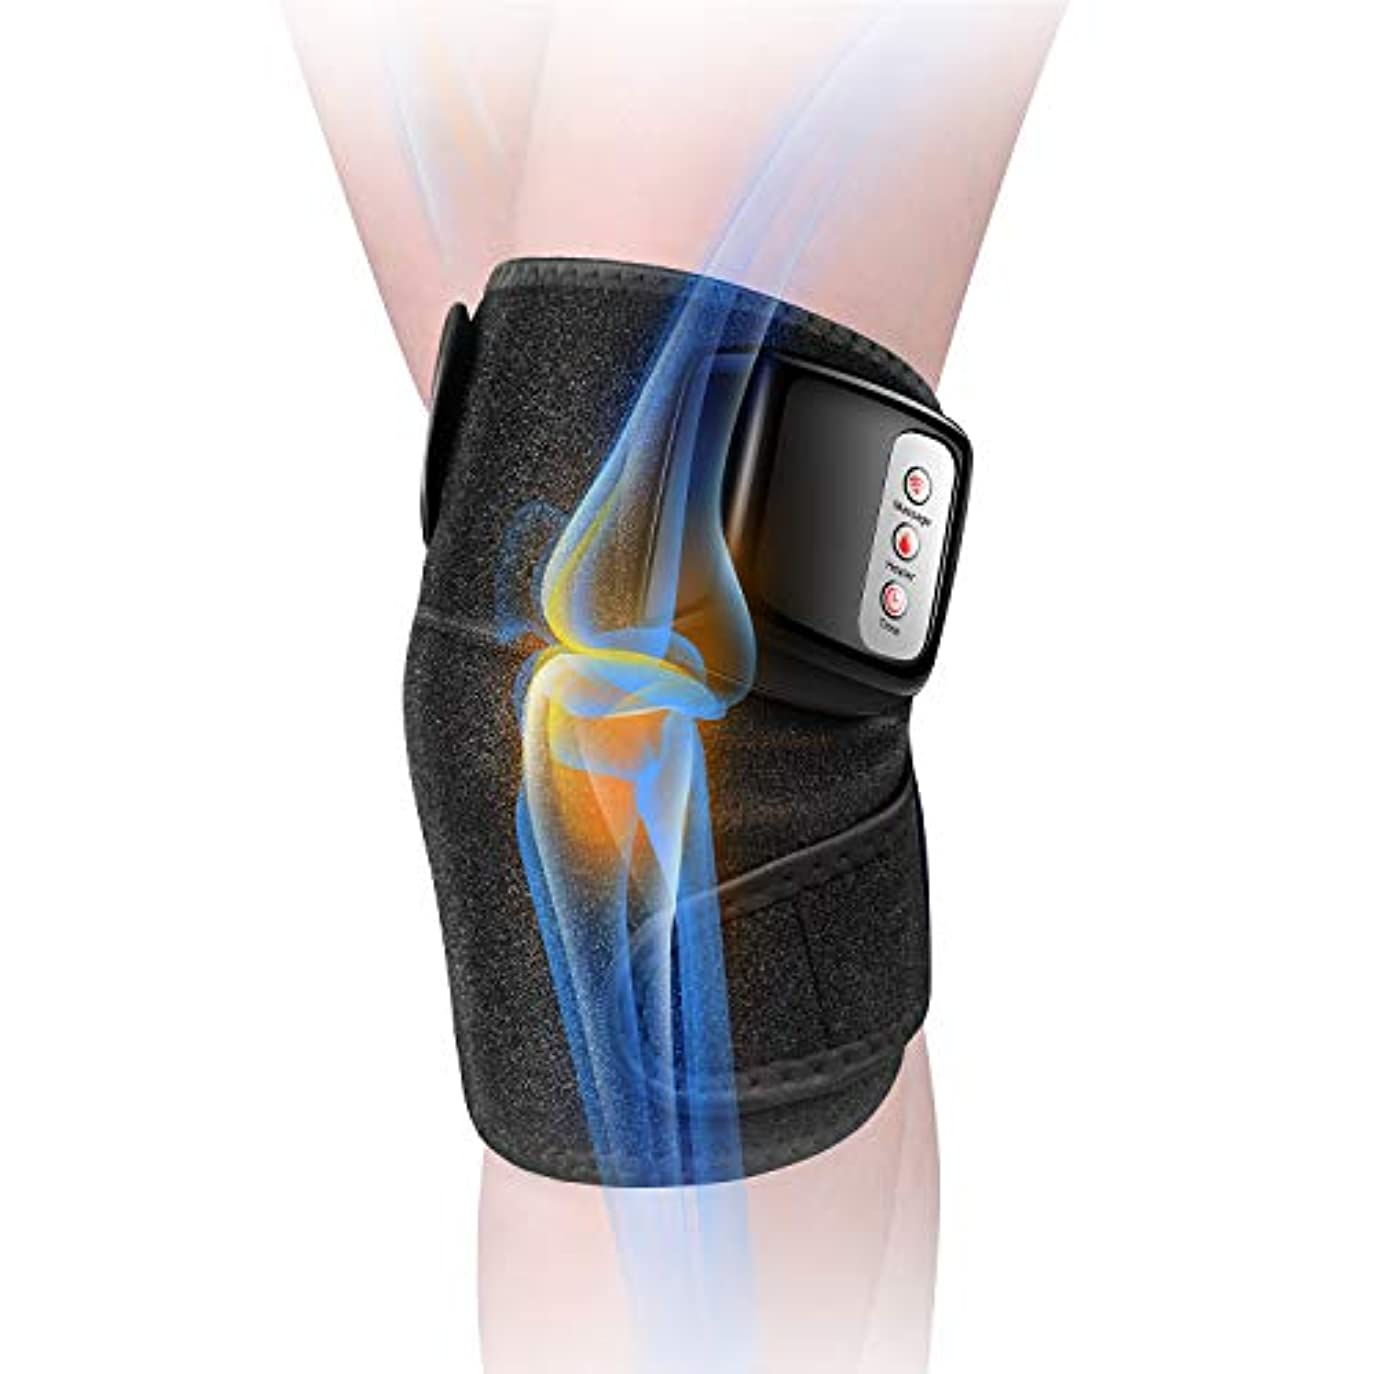 バーガーアライアンス抵当膝マッサージャー 関節マッサージャー マッサージ器 フットマッサージャー 振動 赤外線療法 温熱療法 膝サポーター ストレス解消 肩 太もも/腕対応